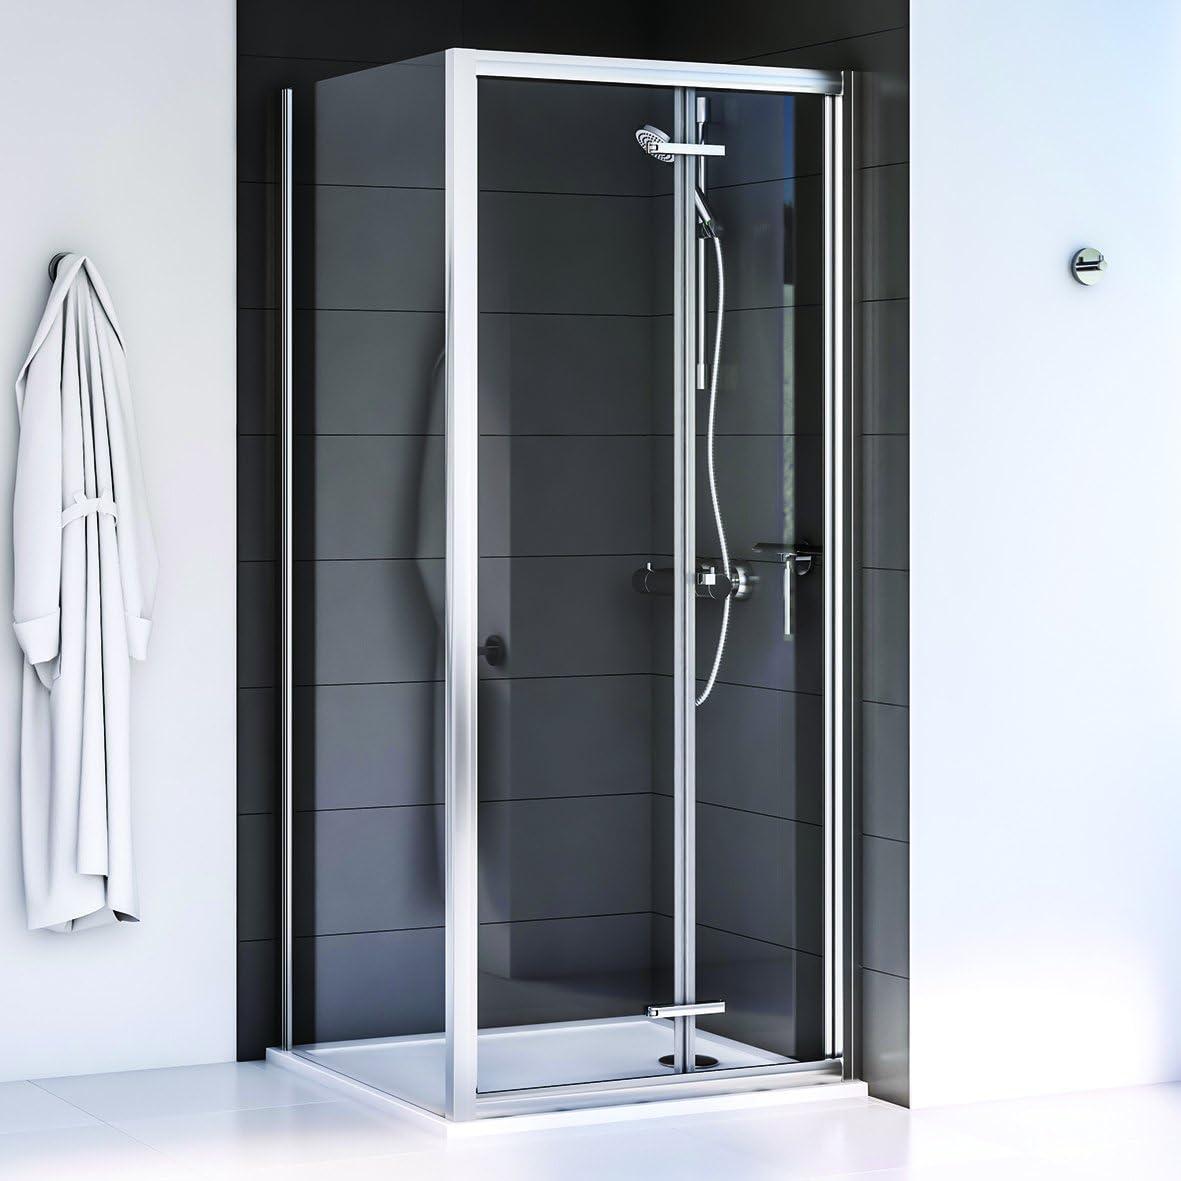 Aqualux 1193911 Bi-fold puertas de ducha y el Panel lateral), pulido Plata, 760 x 760 mm, set de 2 piezas: Amazon.es: Bricolaje y herramientas